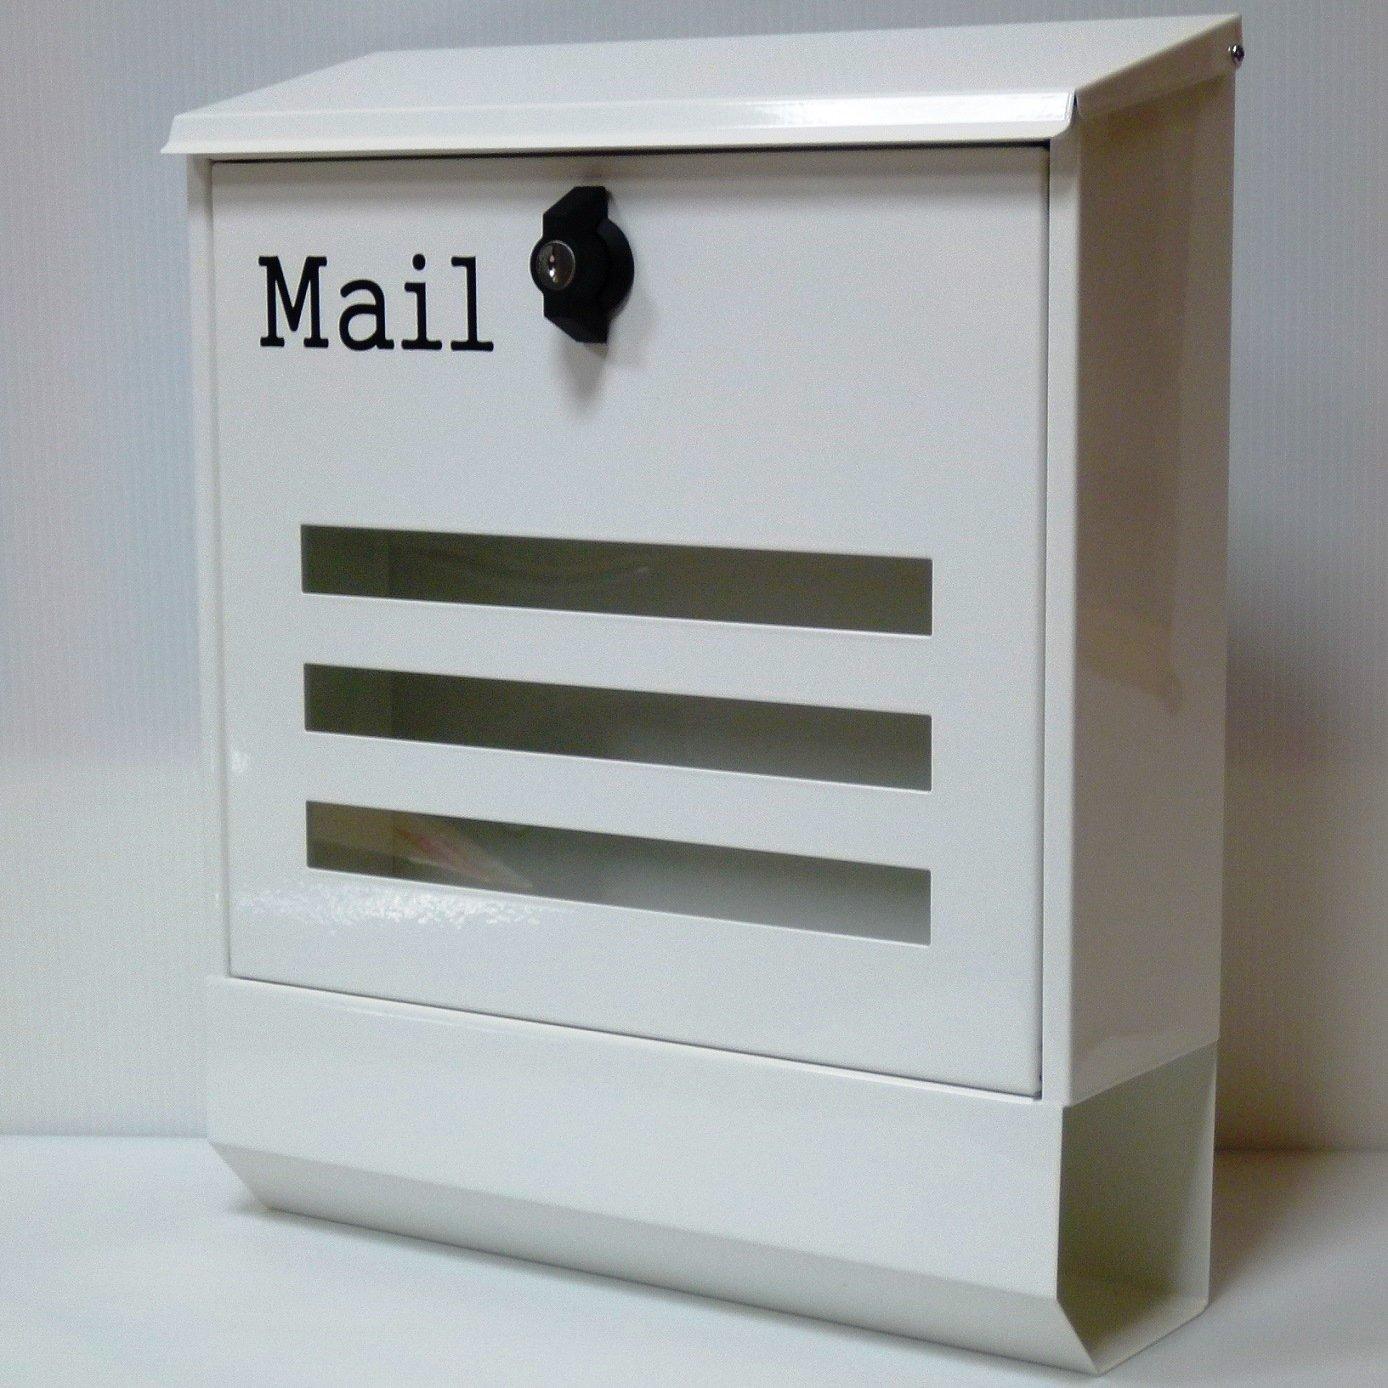 郵便ポスト郵便受け北欧風大型 壁掛けプレミアムステンレス白色ポストpm143 B018NNXWKU 12880